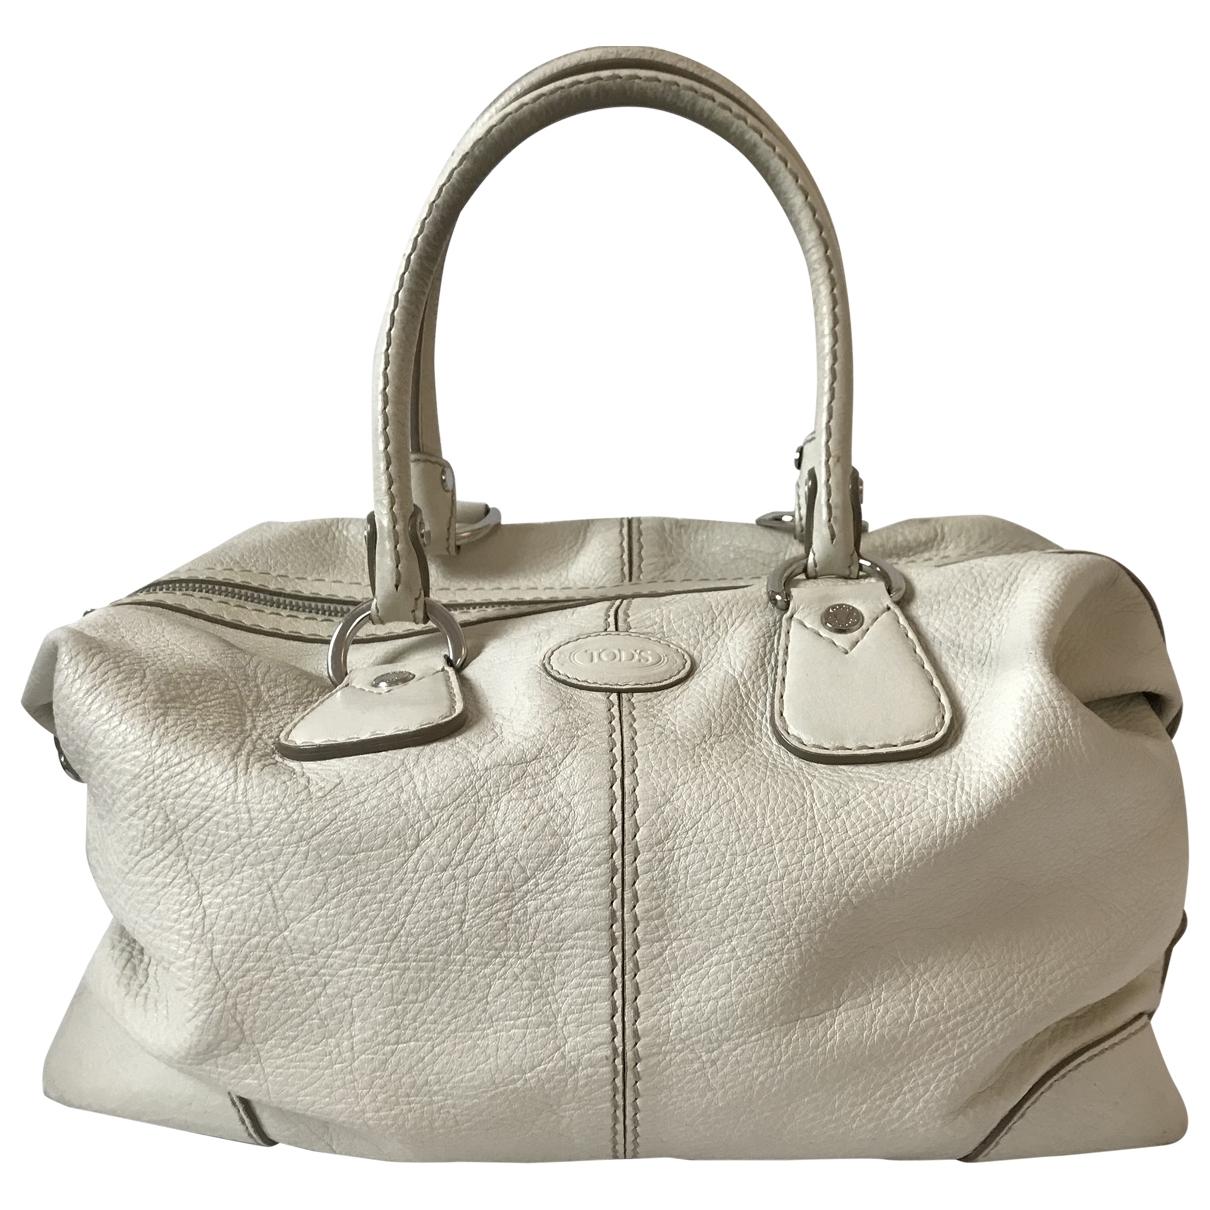 Tods \N White Leather handbag for Women \N